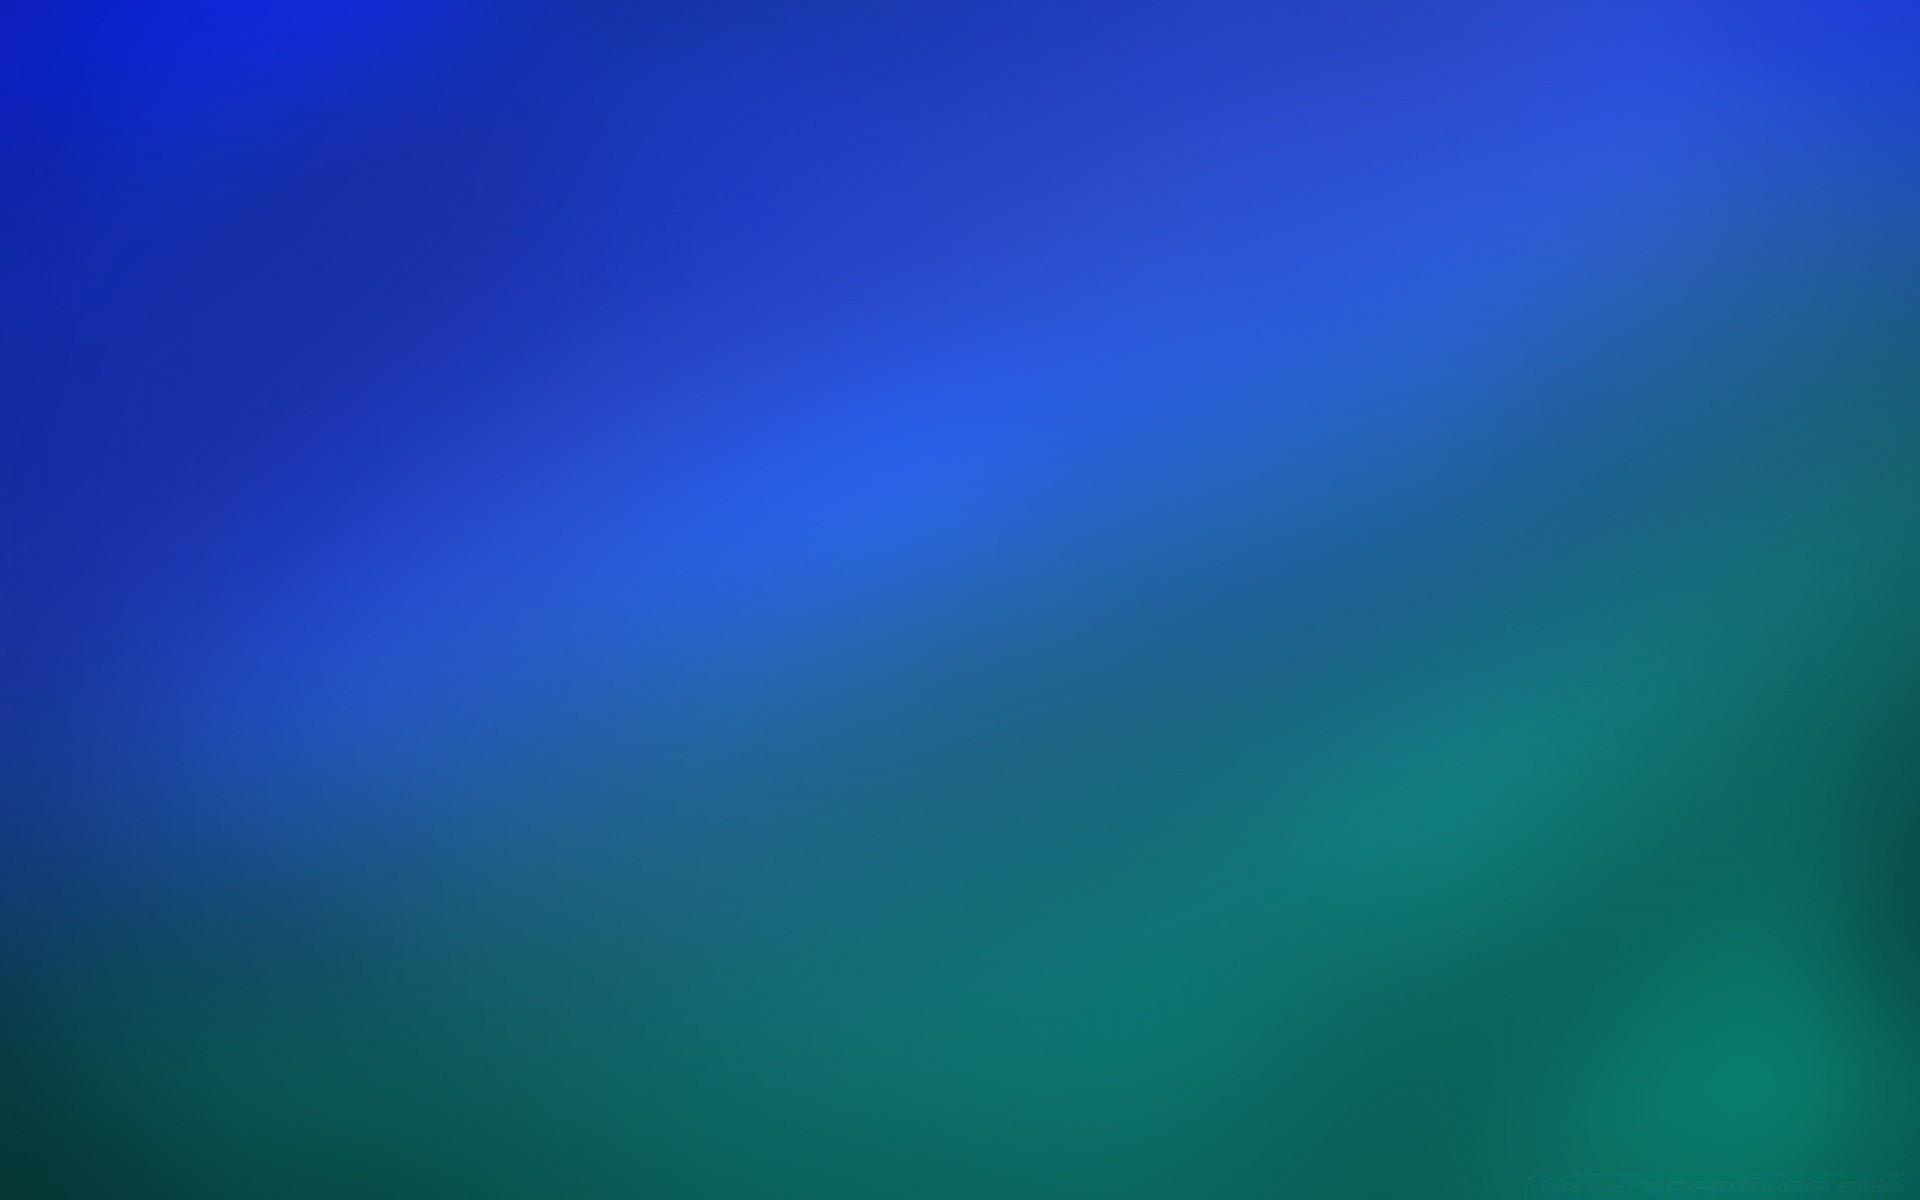 свои достижения фоновые картинки сине зеленого цвета приблизительный список все